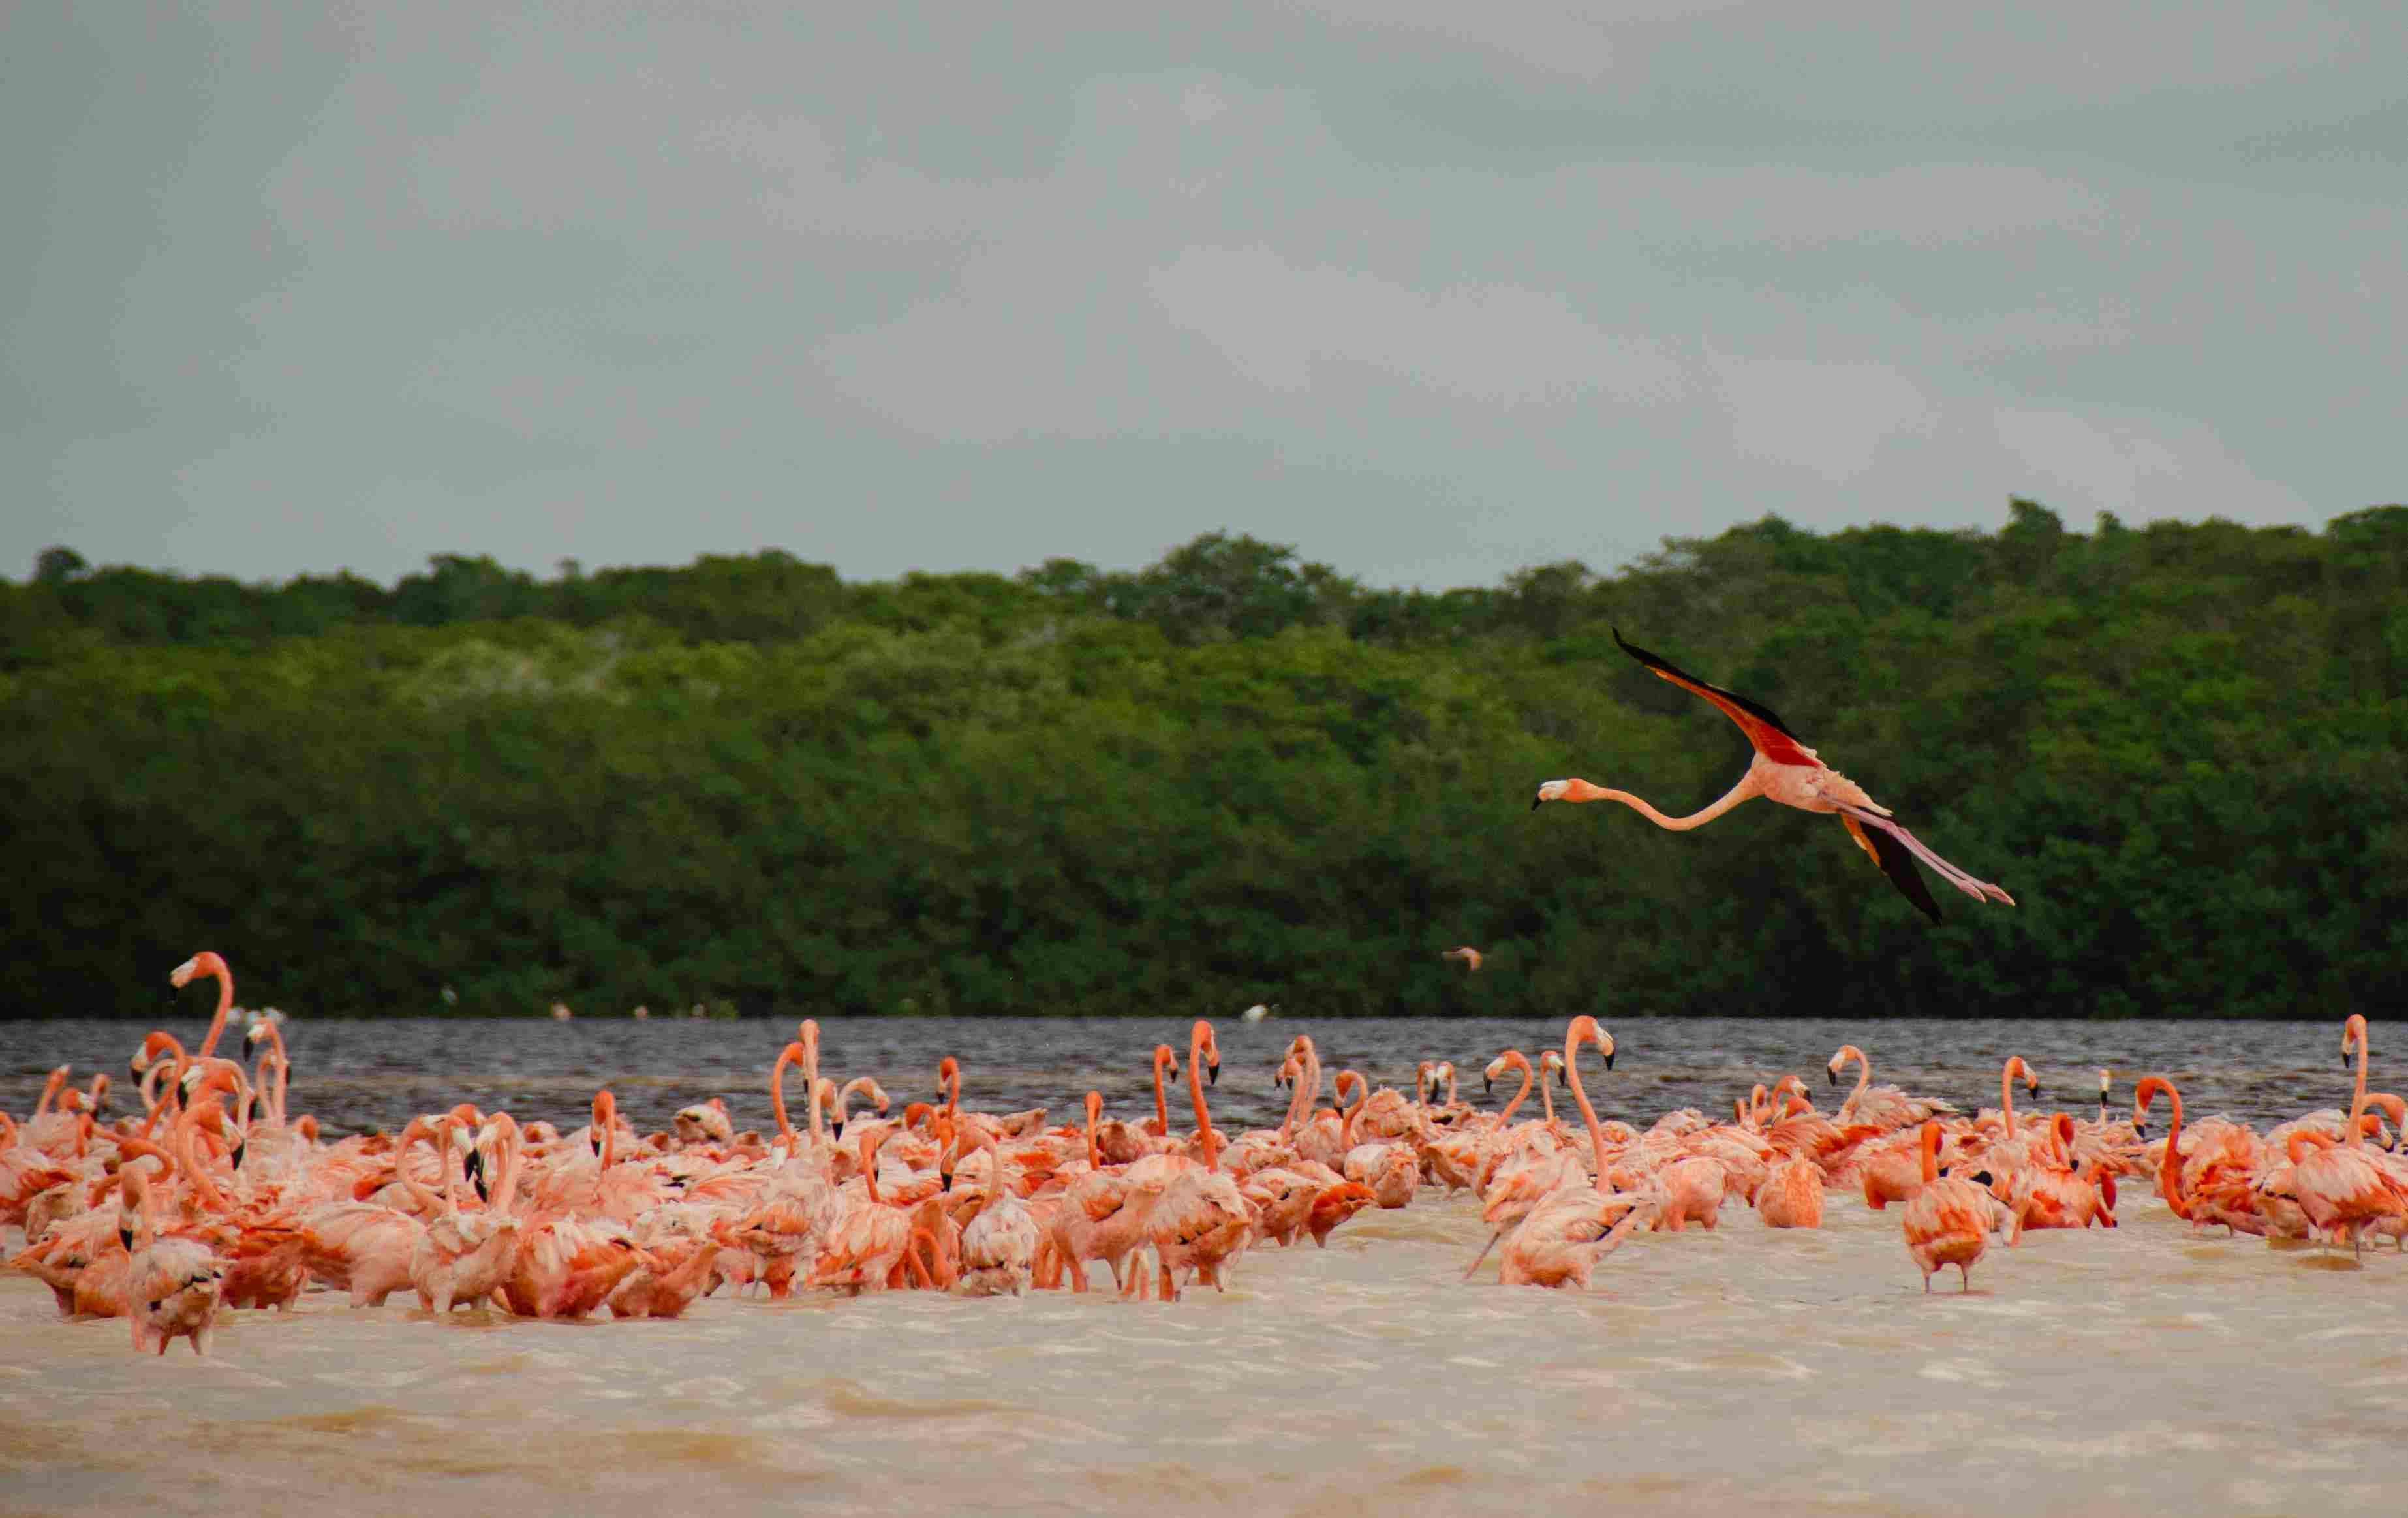 Flamingos in the wild in Celestun, Yucatán, México